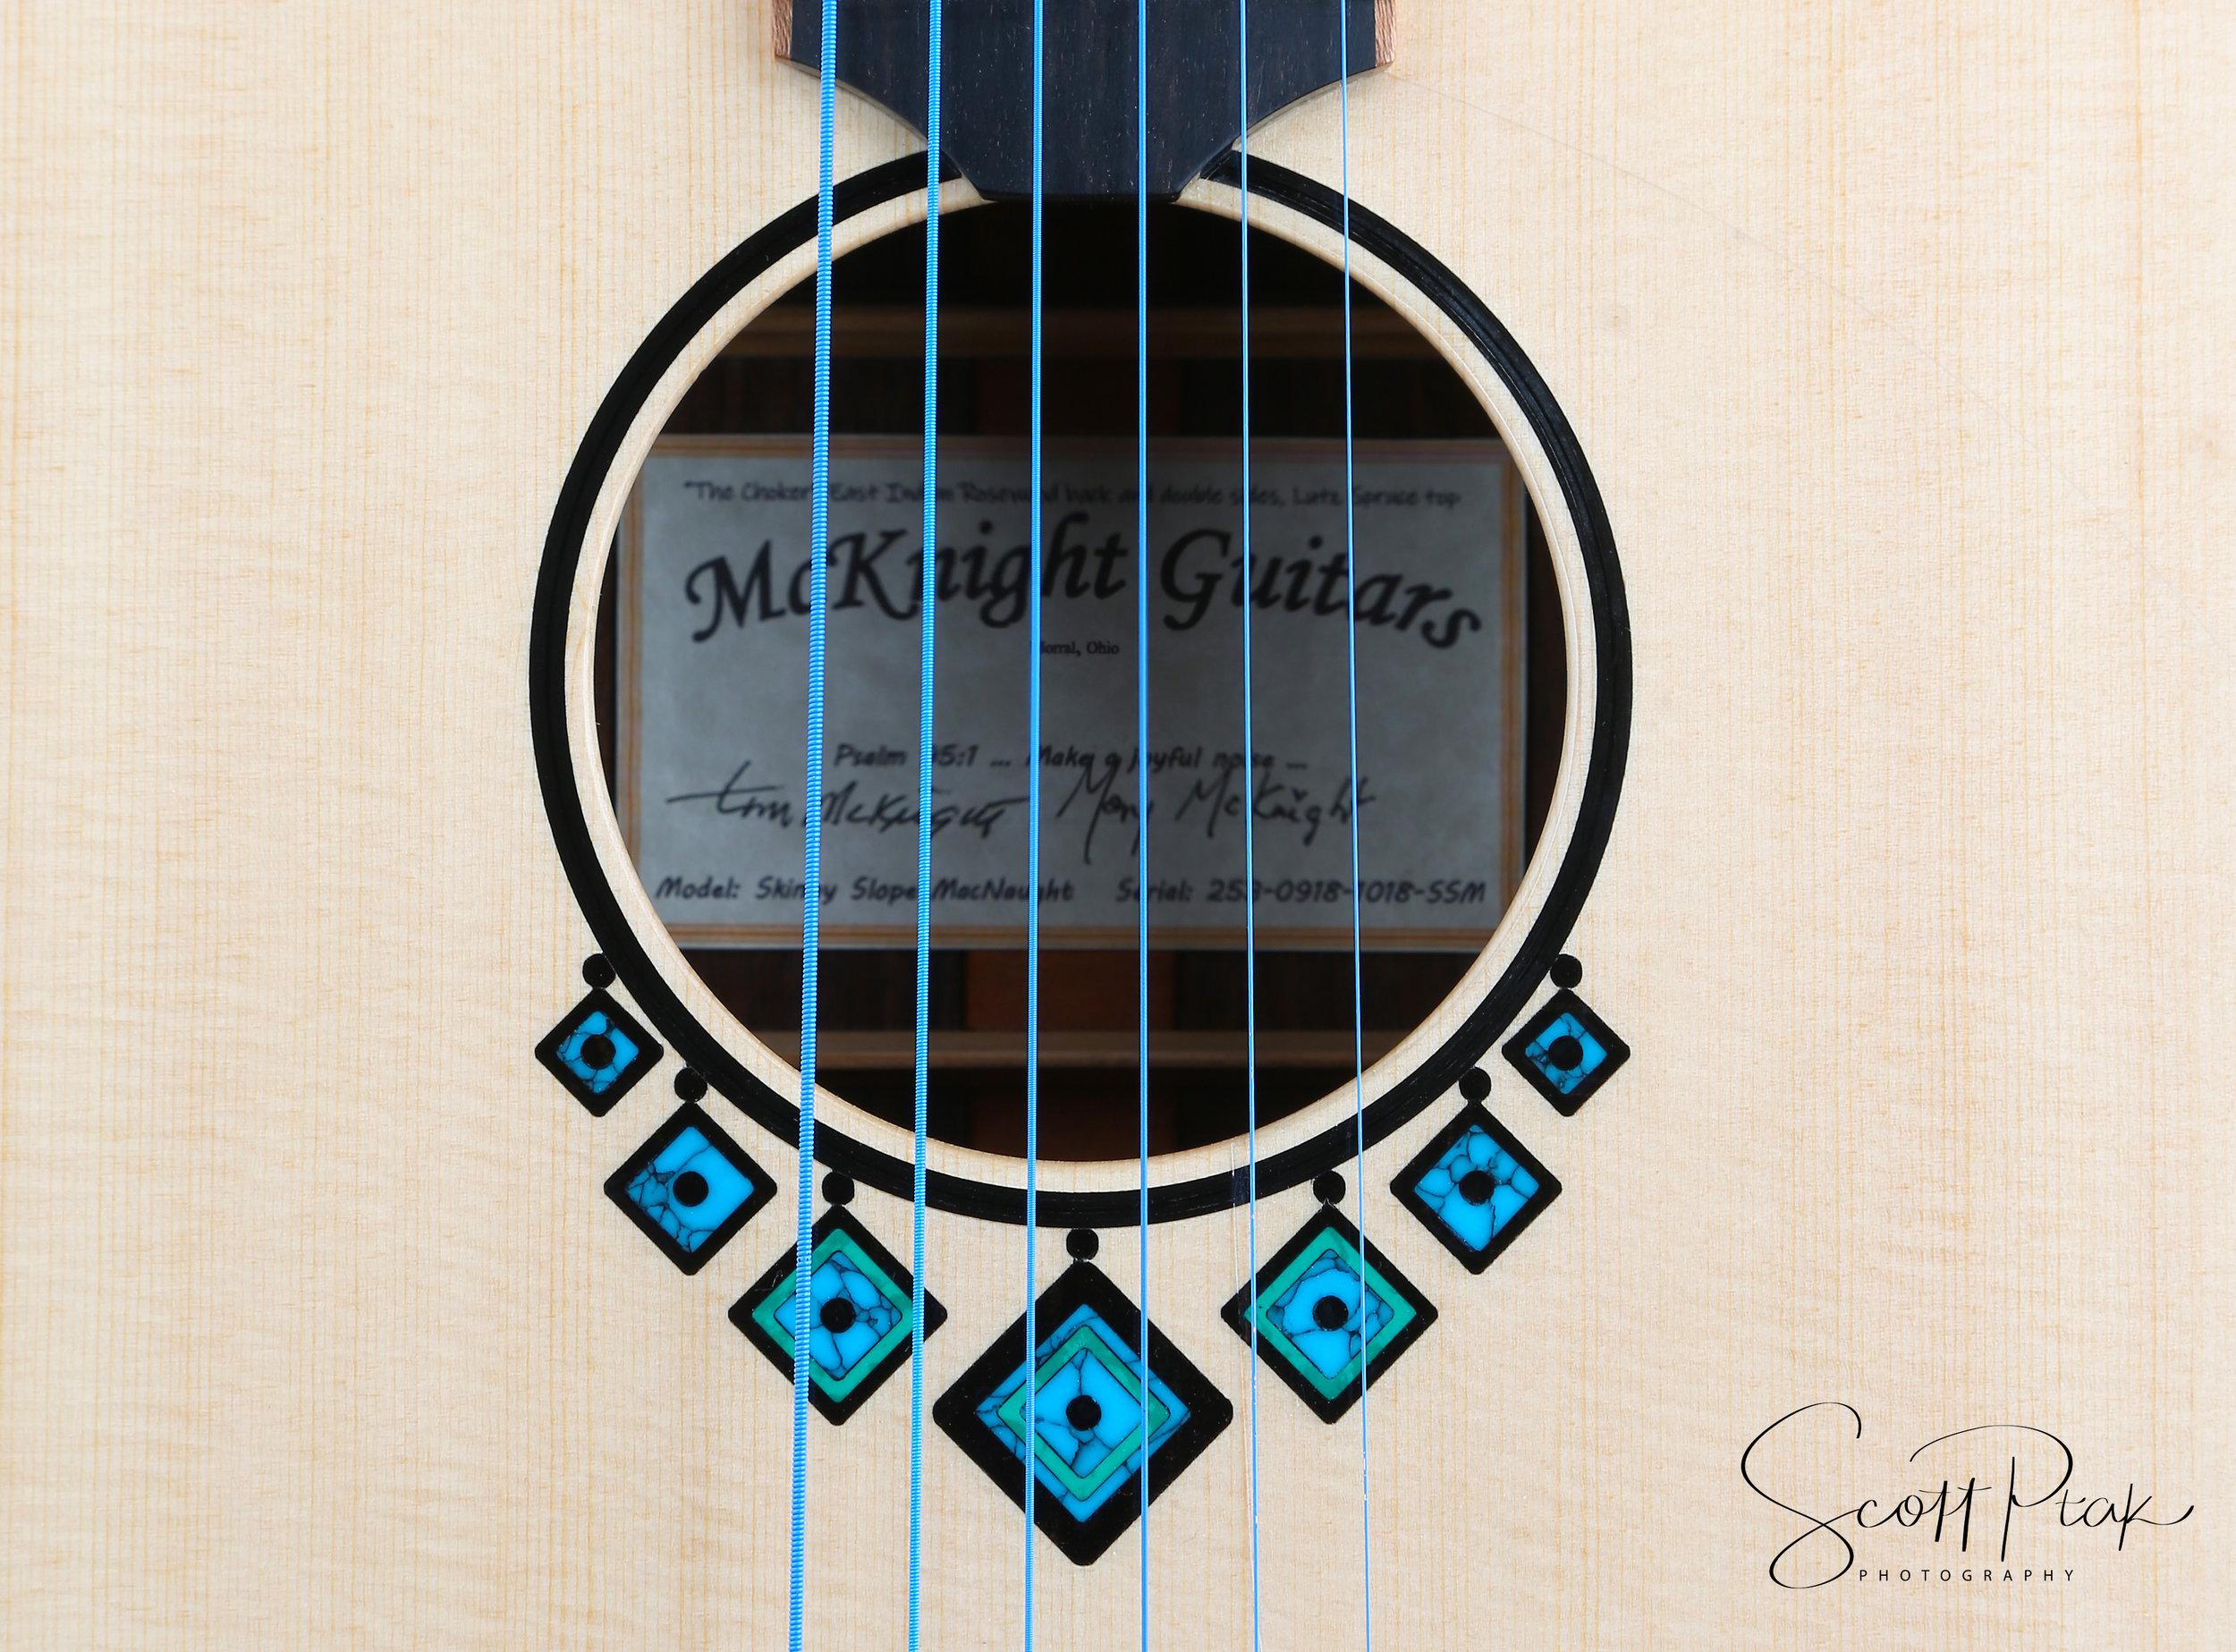 Tim McKnight - Luthier